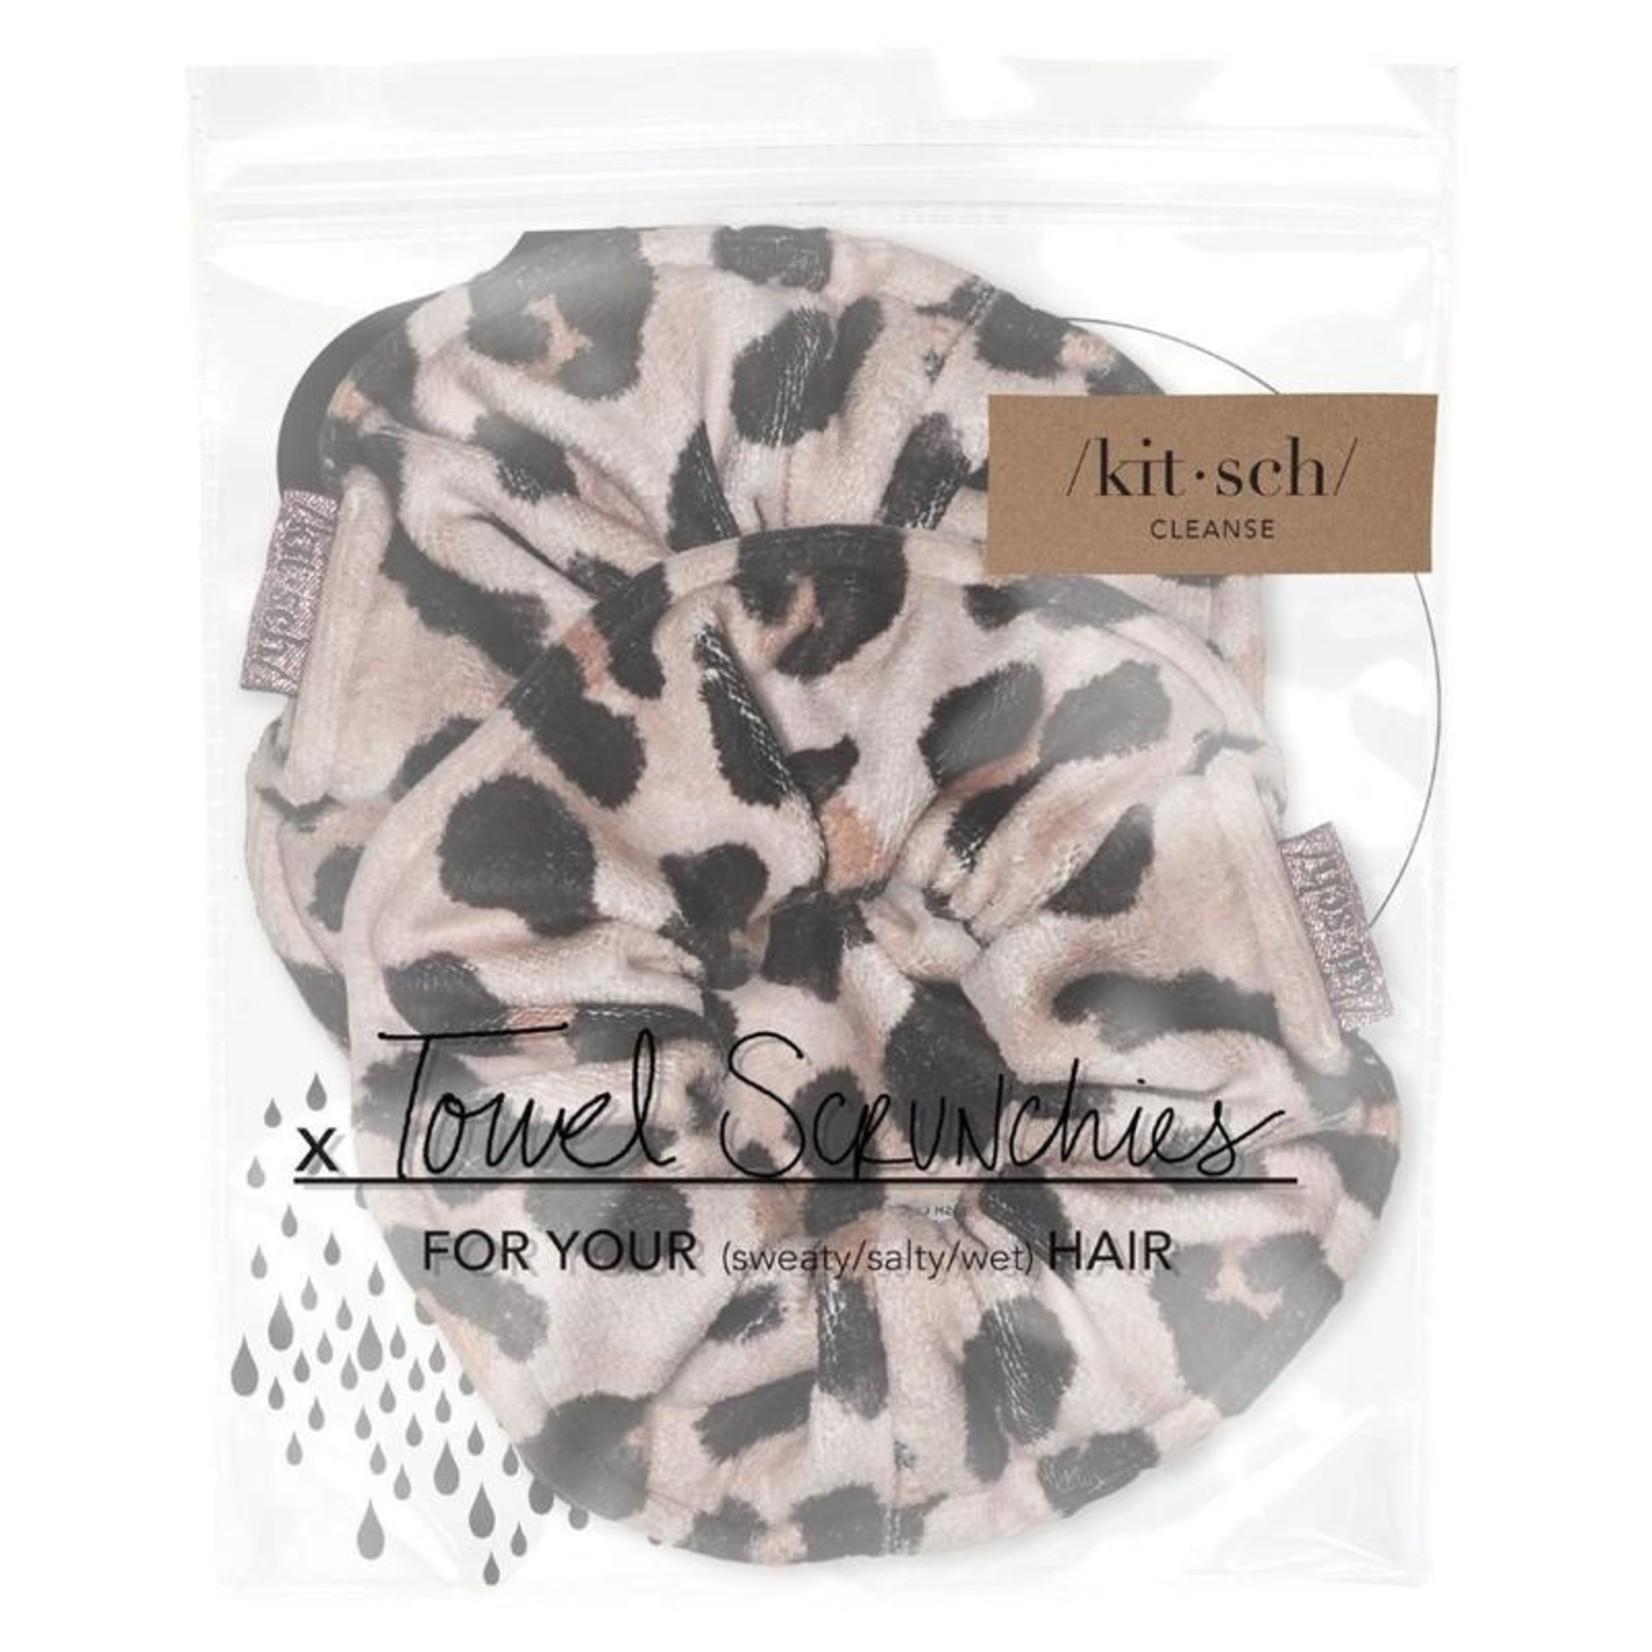 /KIT•SCH/ Microfiber Towel Scrunchies - Leopard